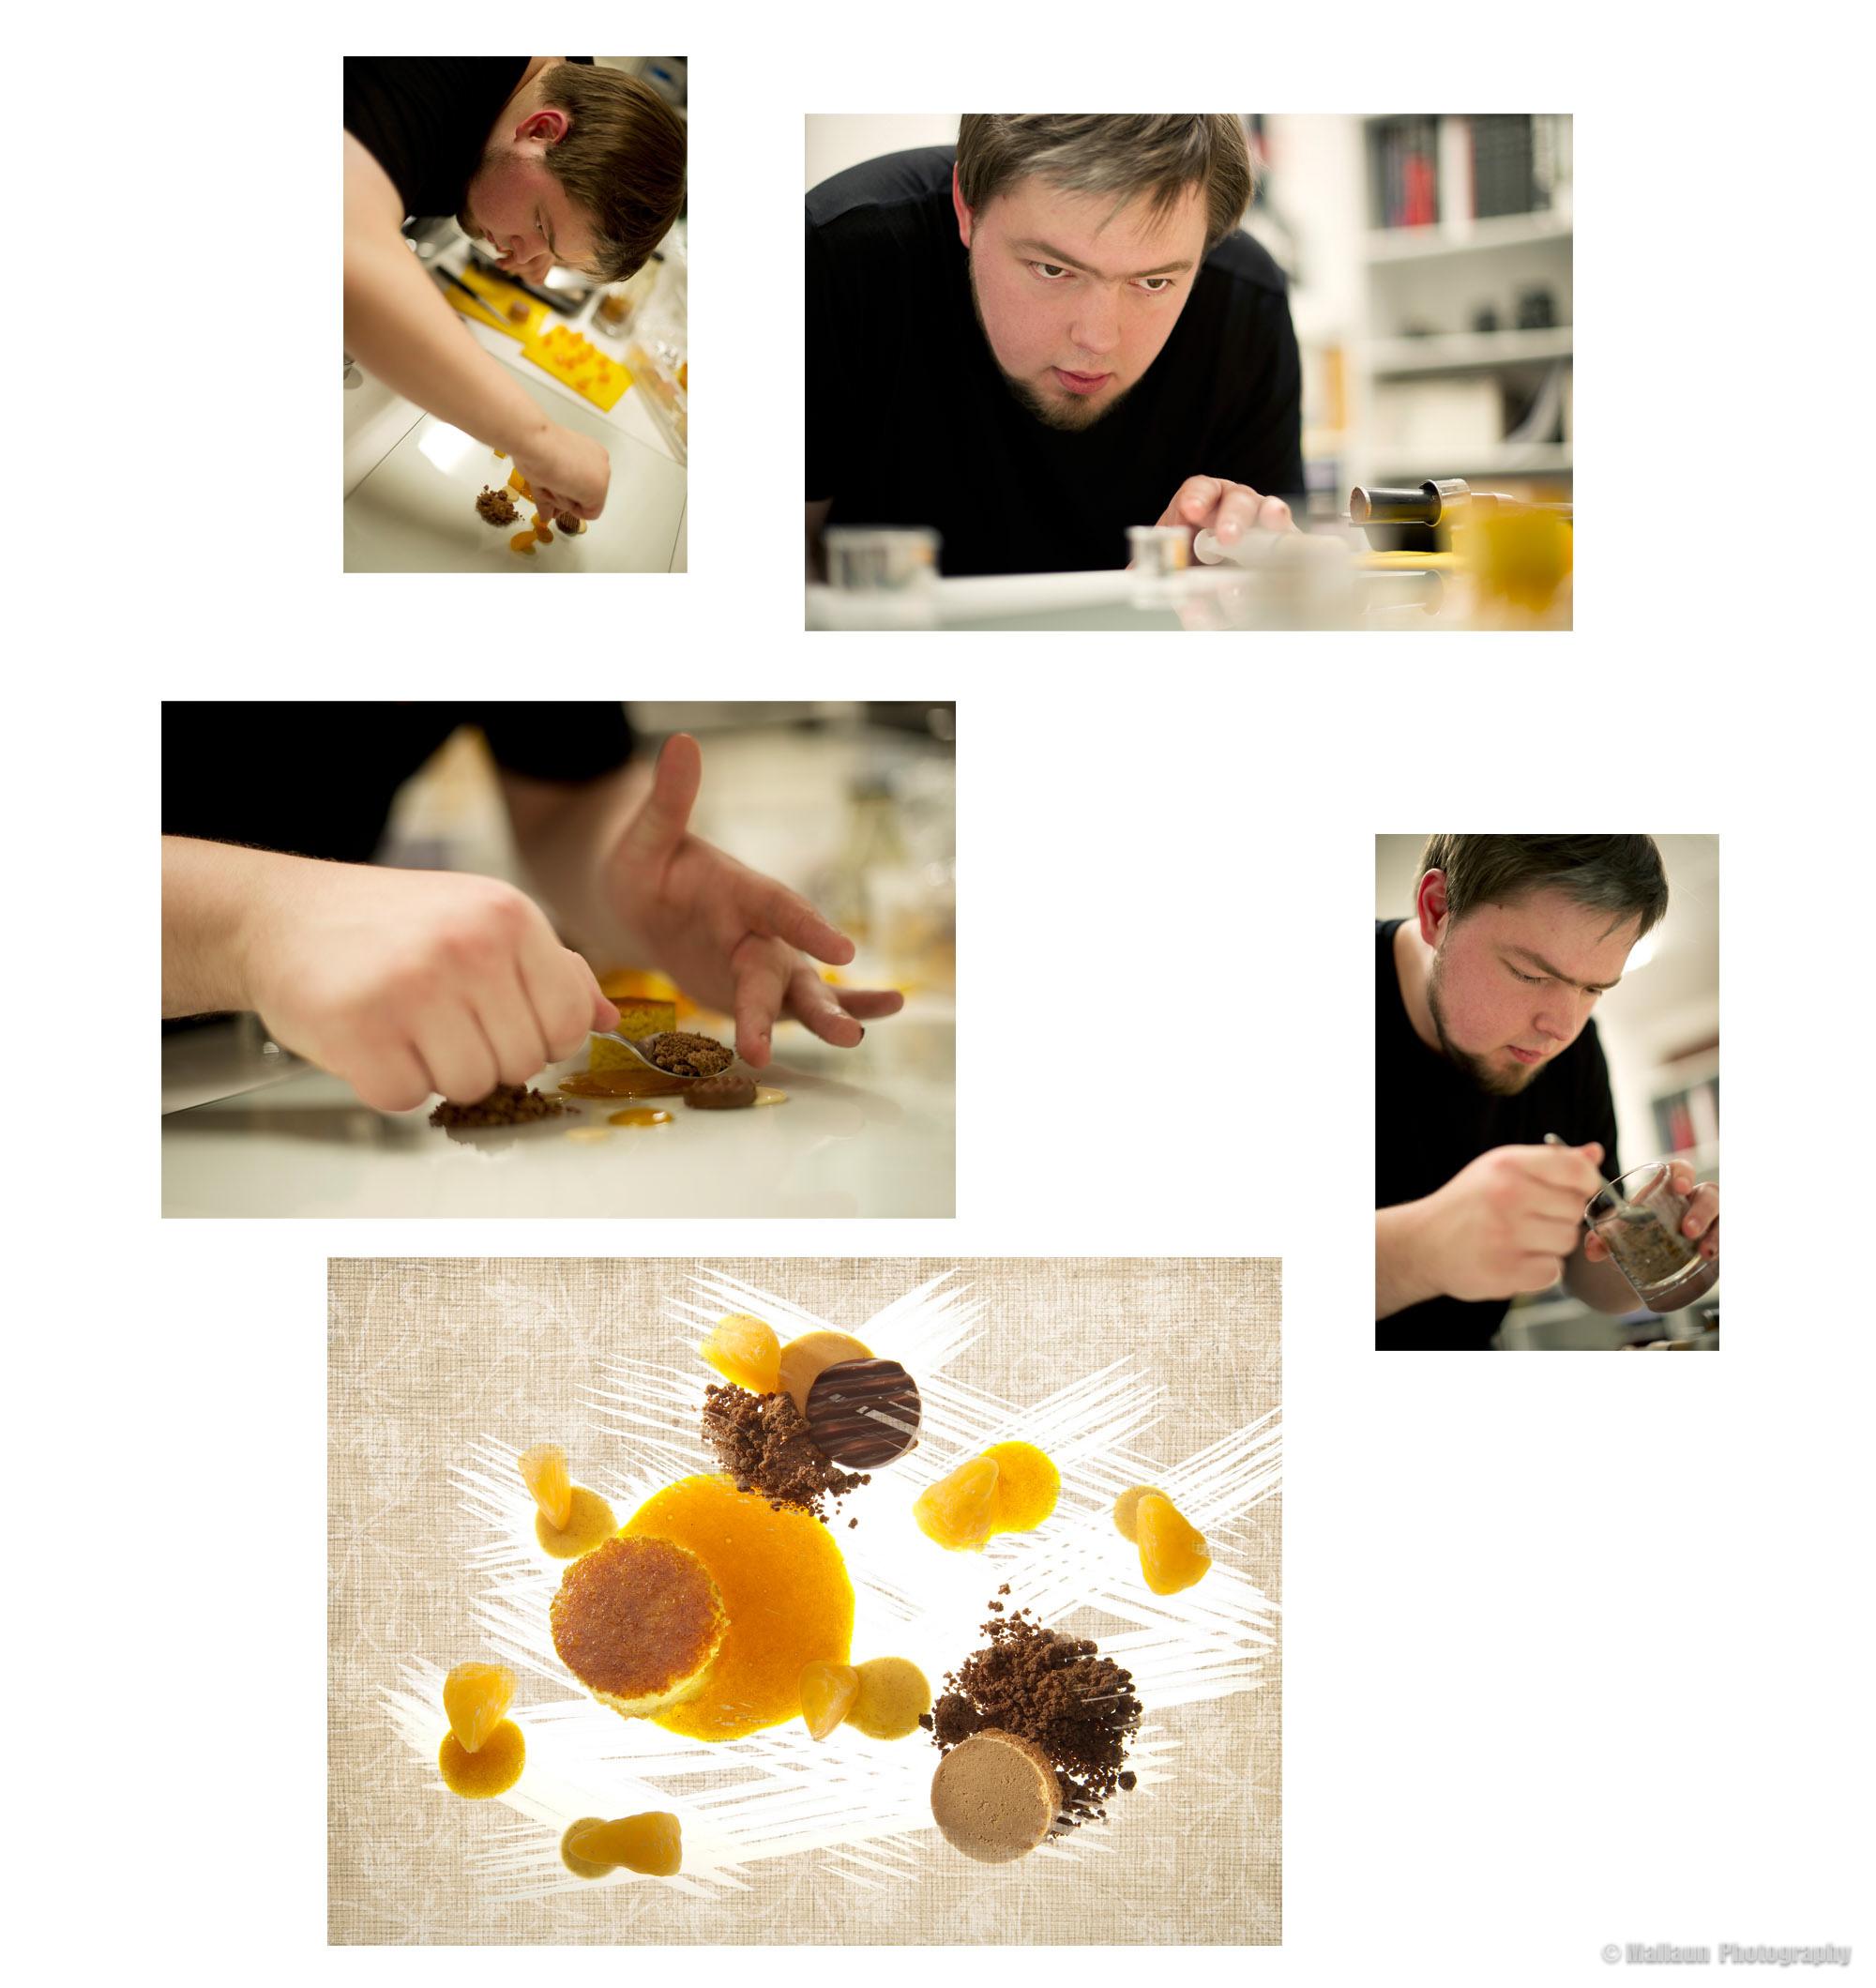 Brian Jäger vom dessertblog.ch © Mallaun Photography